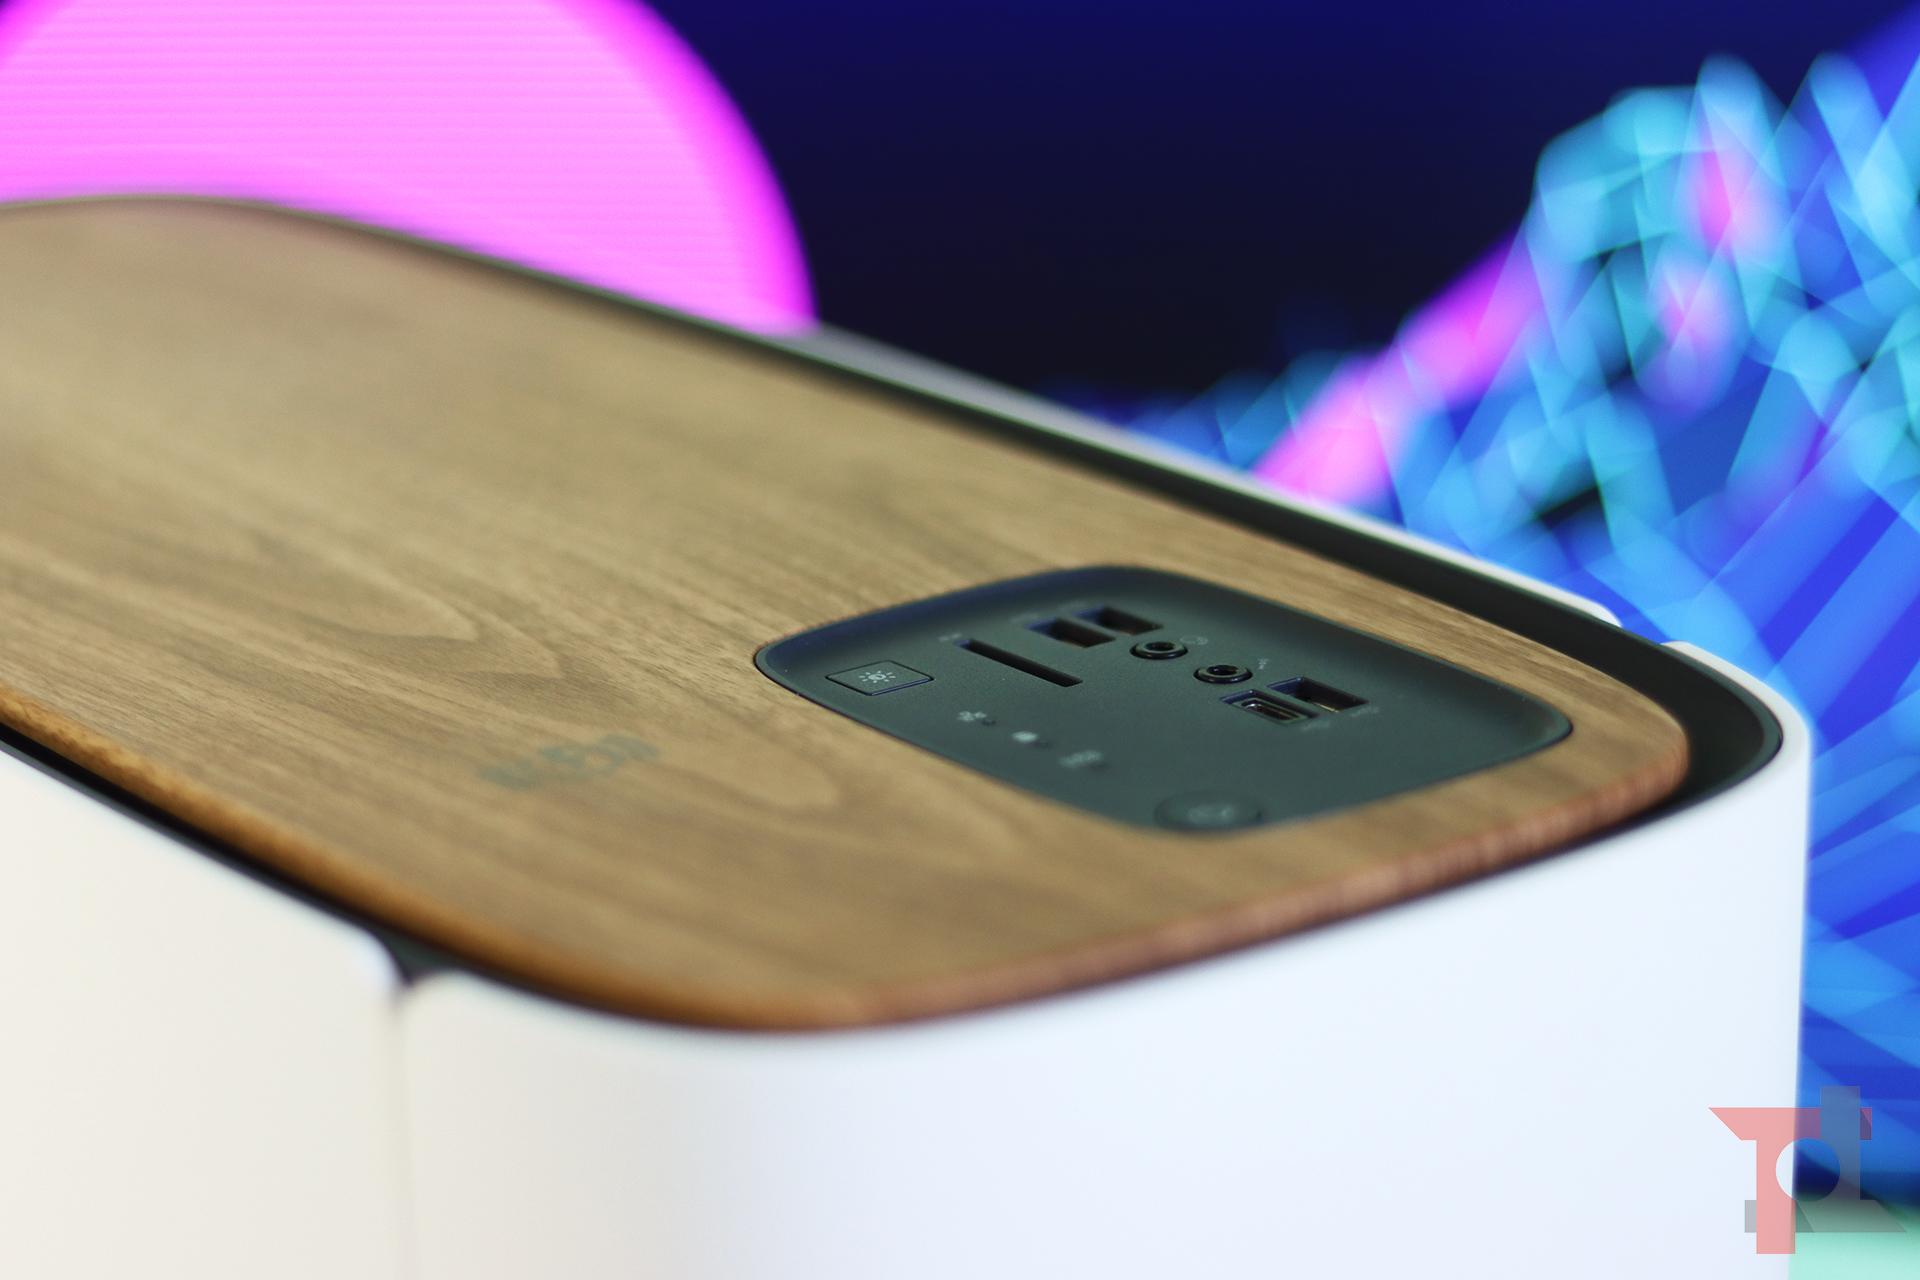 Acer ConceptD 500 design